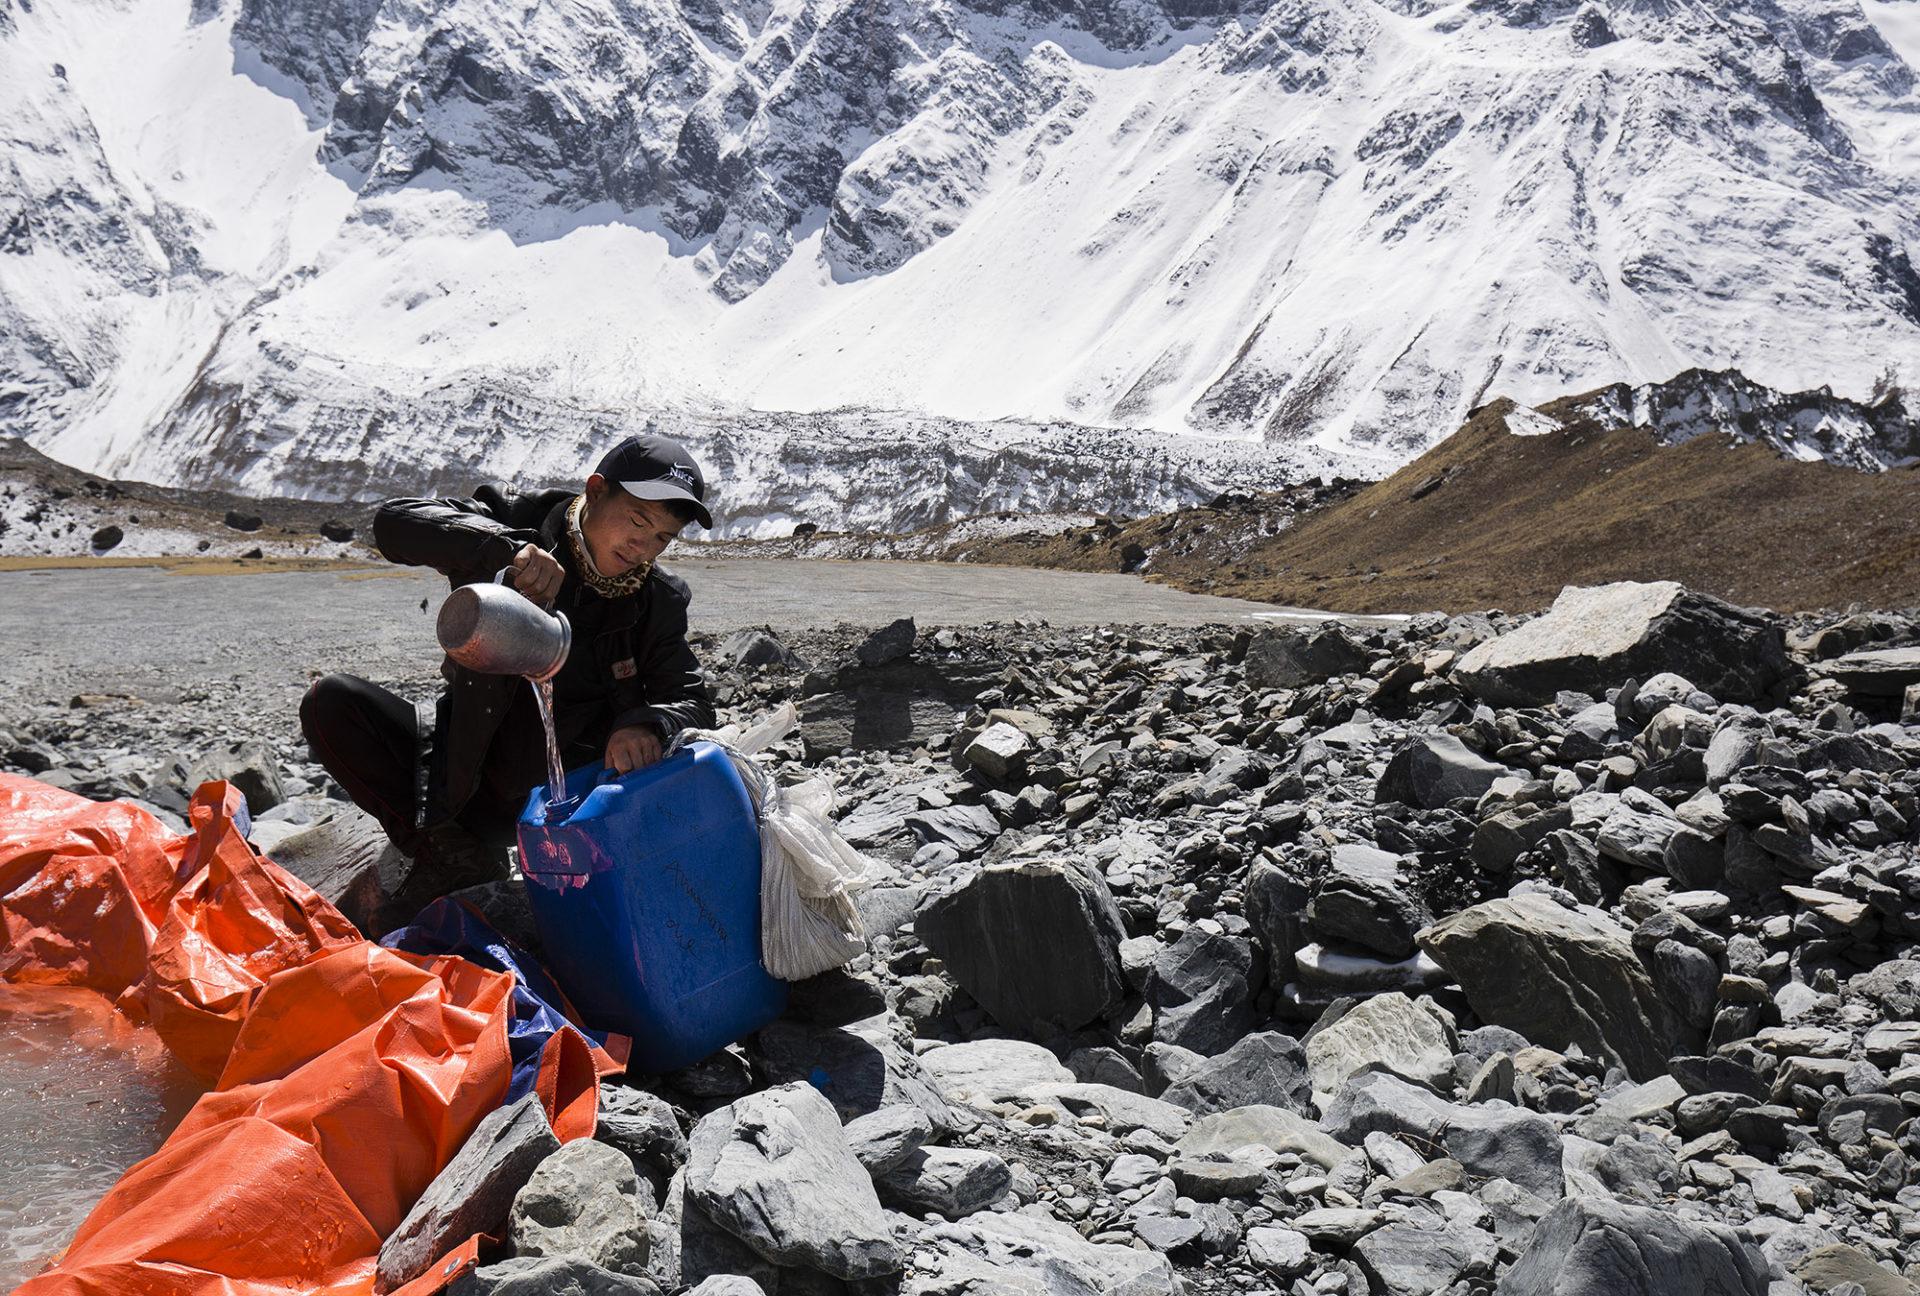 Sistema de recogida de agua creado por los Sherpas en el Annapurna 2